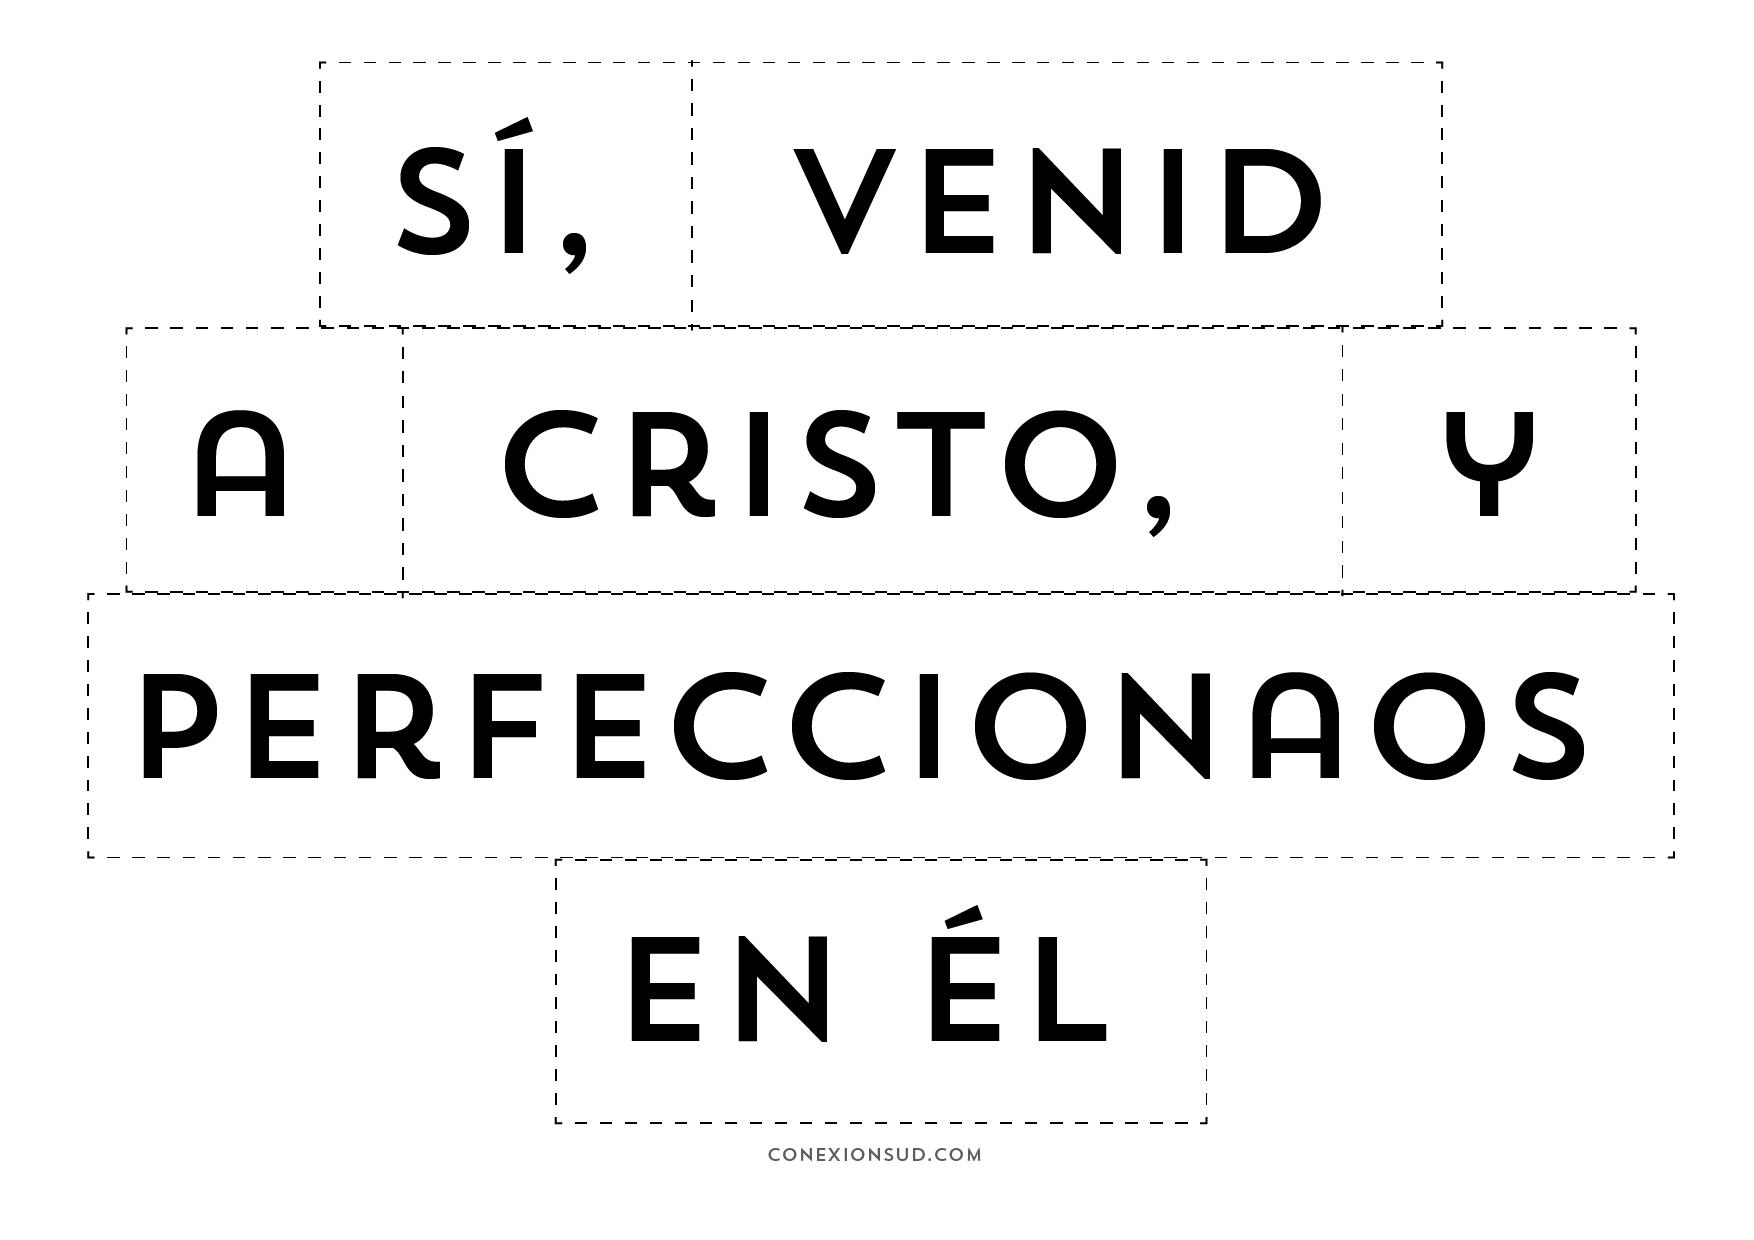 Arrepentimiento - Venimos a Cristo cuando nos arrepentimos después de cometer un error - conexionsud